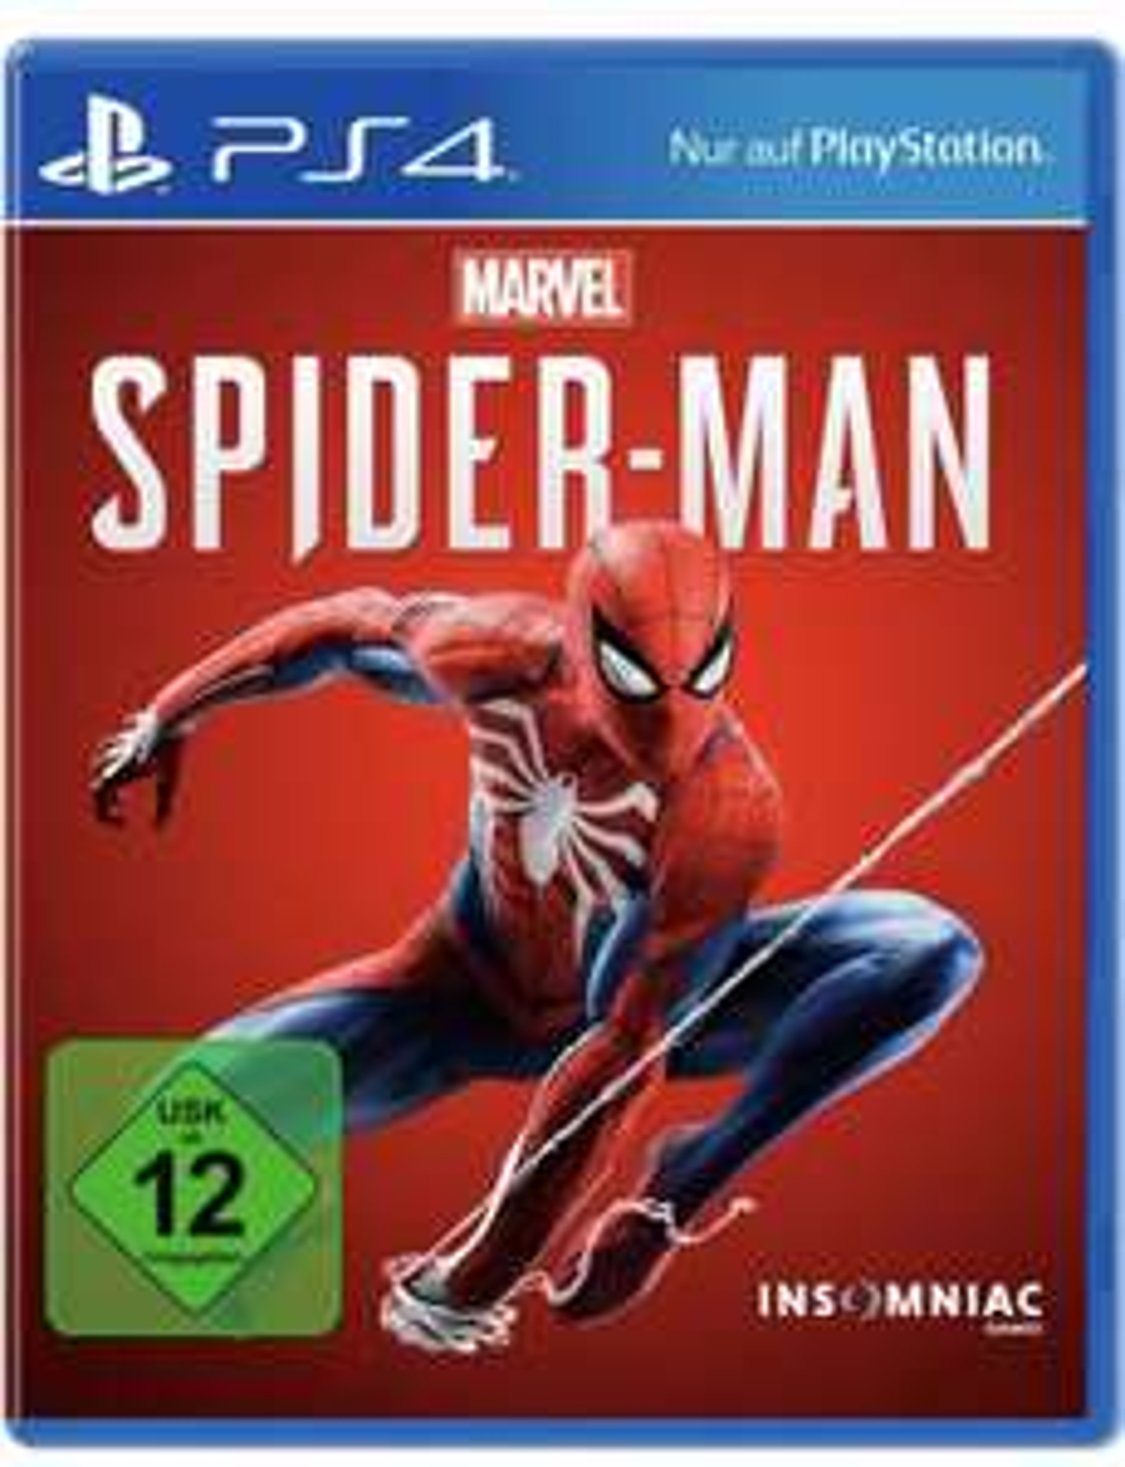 [Otto] Spider-Man (PS4) inkl. VSK (Bestandskunden)